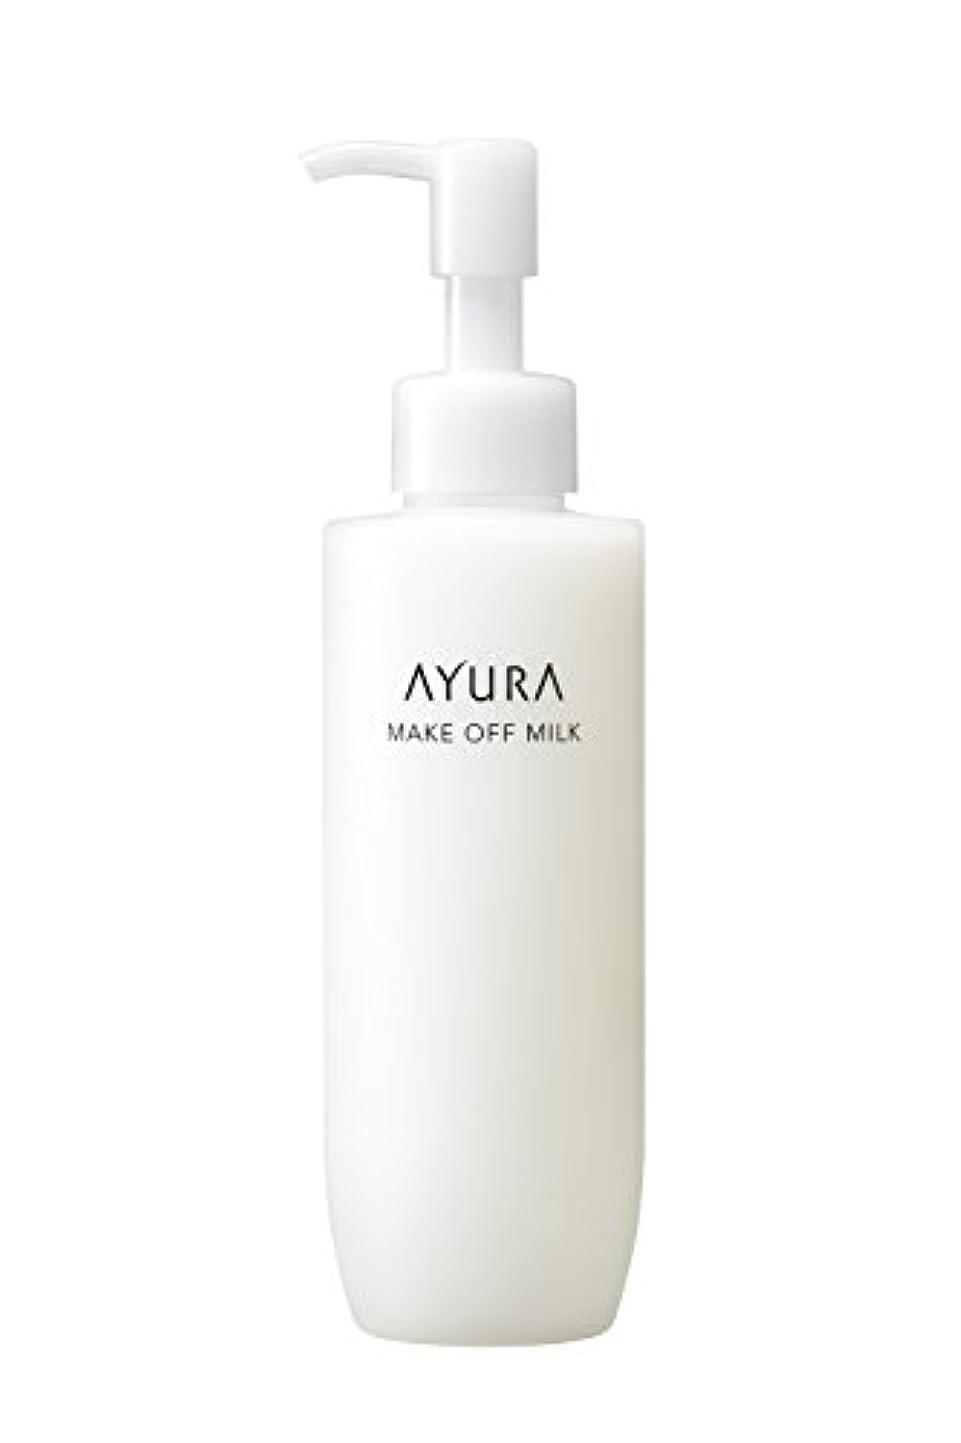 テザーお気に入り一致するアユーラ (AYURA) メークオフミルク < メイク落とし > 170mL 肌をいたわりながらしっかりオフするミルクタイプ